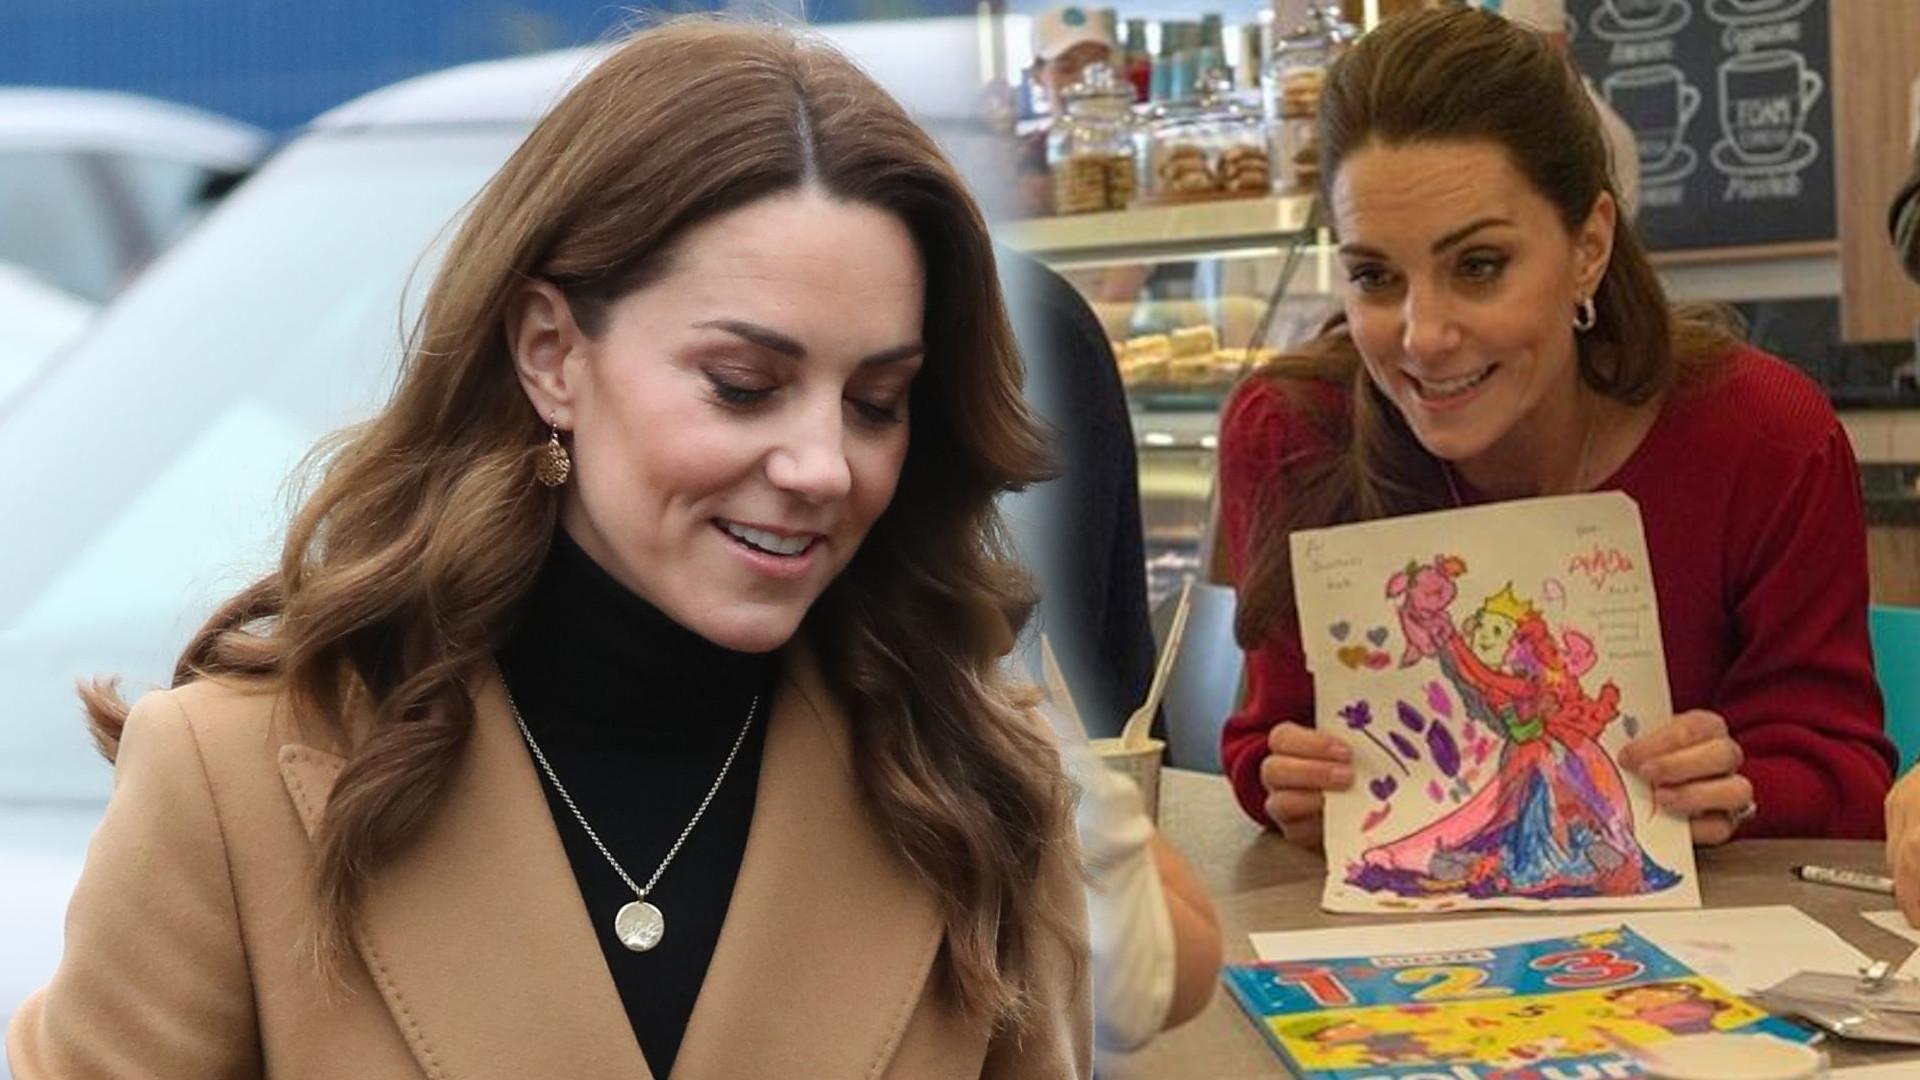 Dziewczynka była rozczarowana księżną Kate. Według niej NIE wyglądała jak KSIĘŻNICZKA